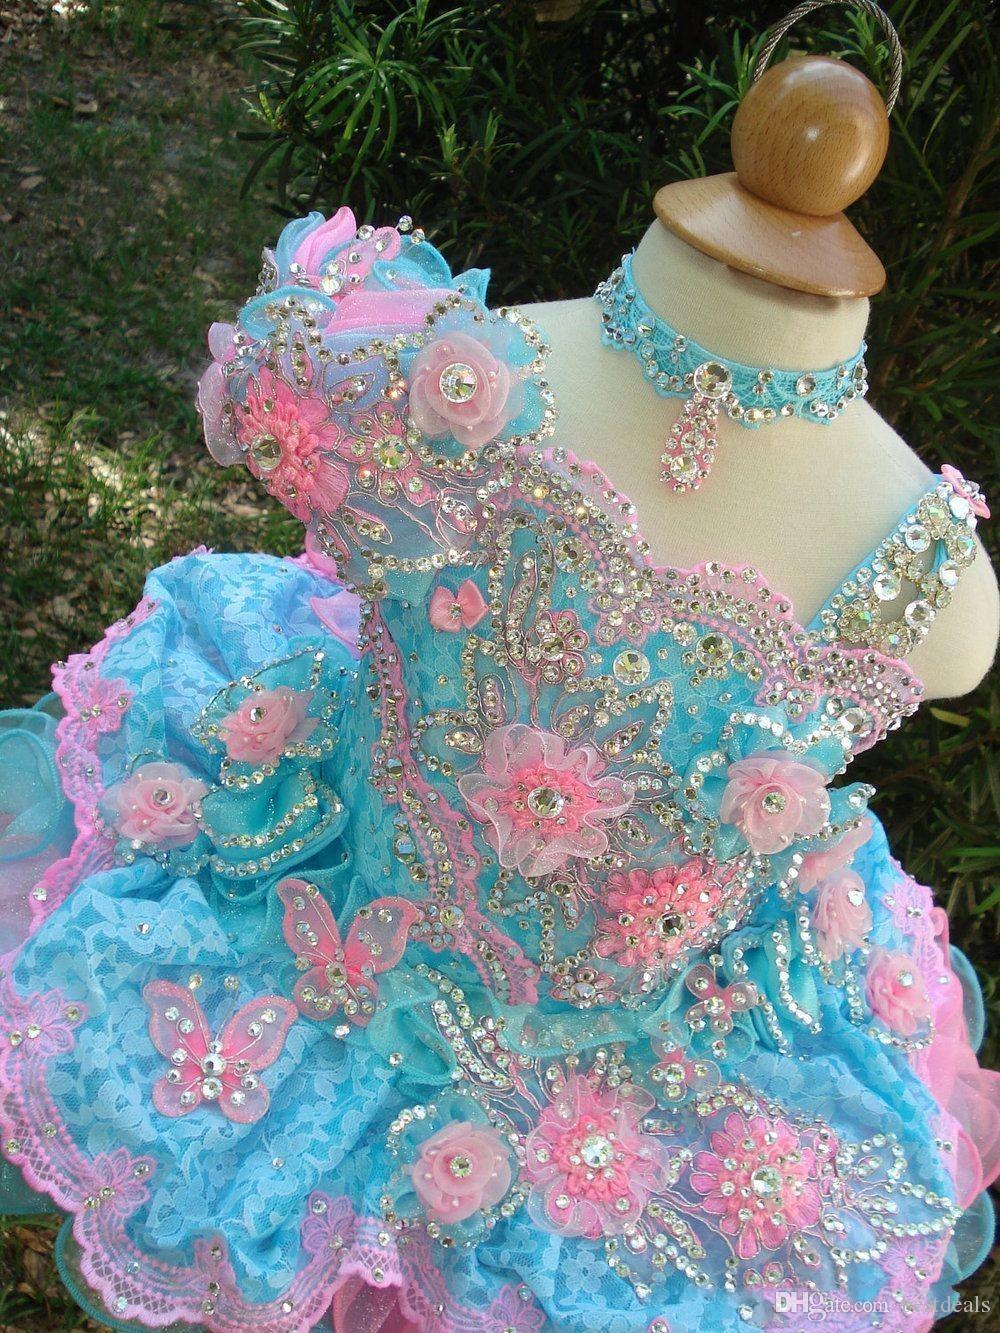 Vestidos del concurso Cupcake 2017 de Cute Girl Vestidos de niña de flores de encaje con flores hechas a mano Cuentas Cuentas Cristales Niveles Vestidos para niños pequeños